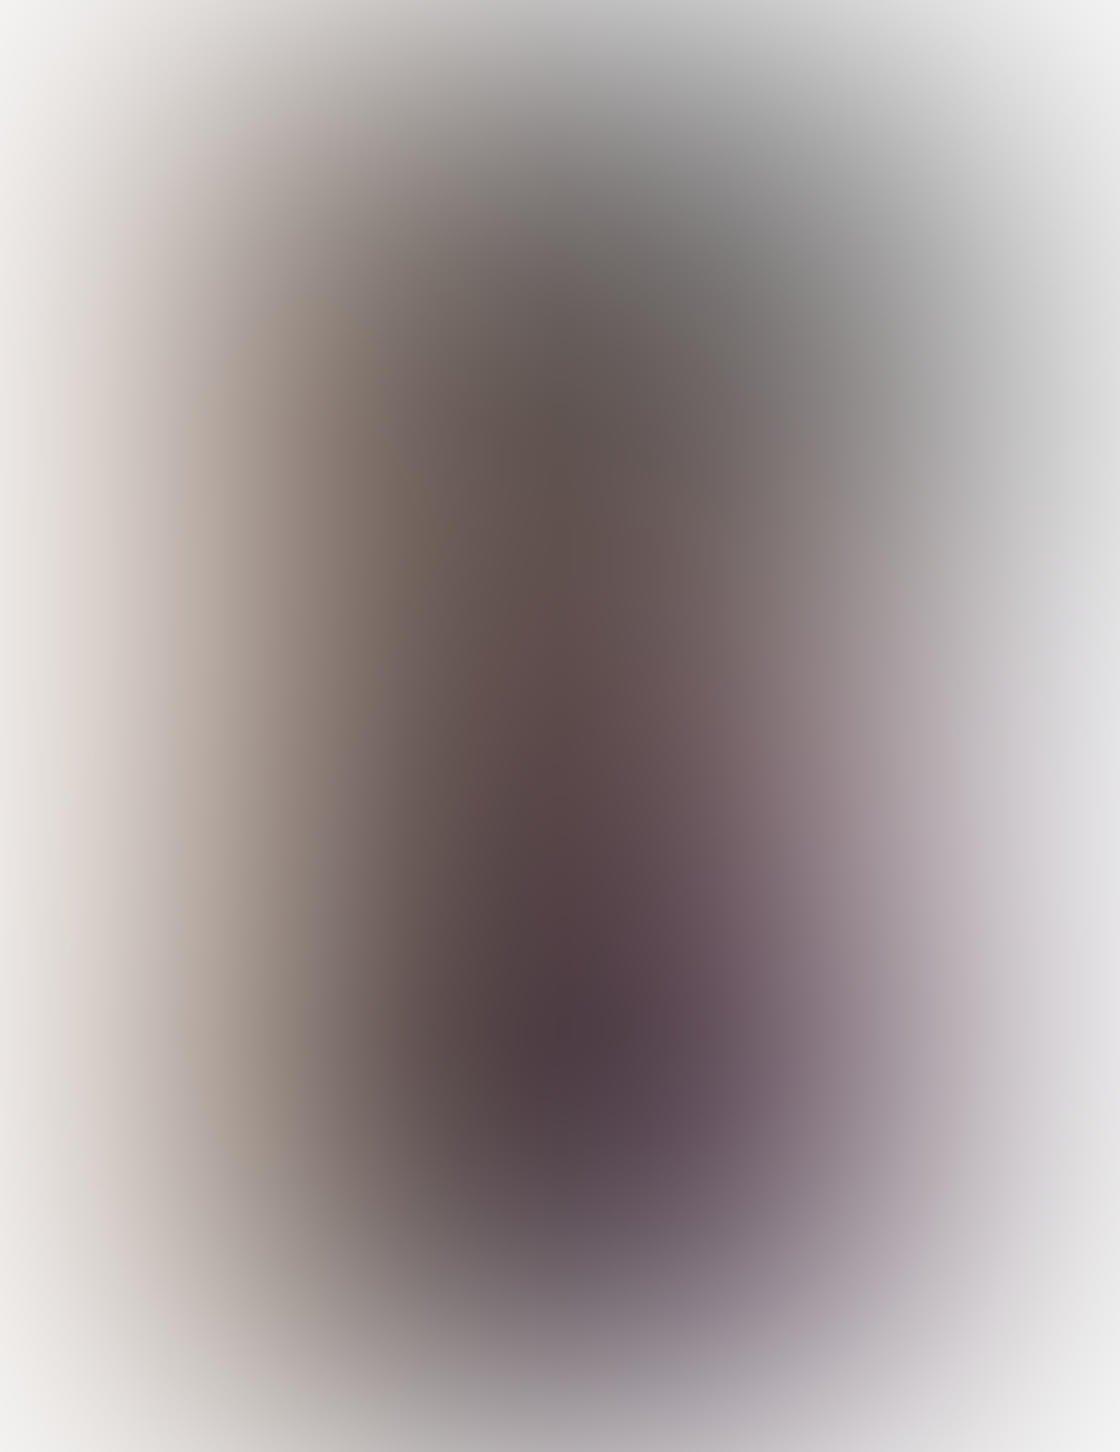 Iphone xs camera 5